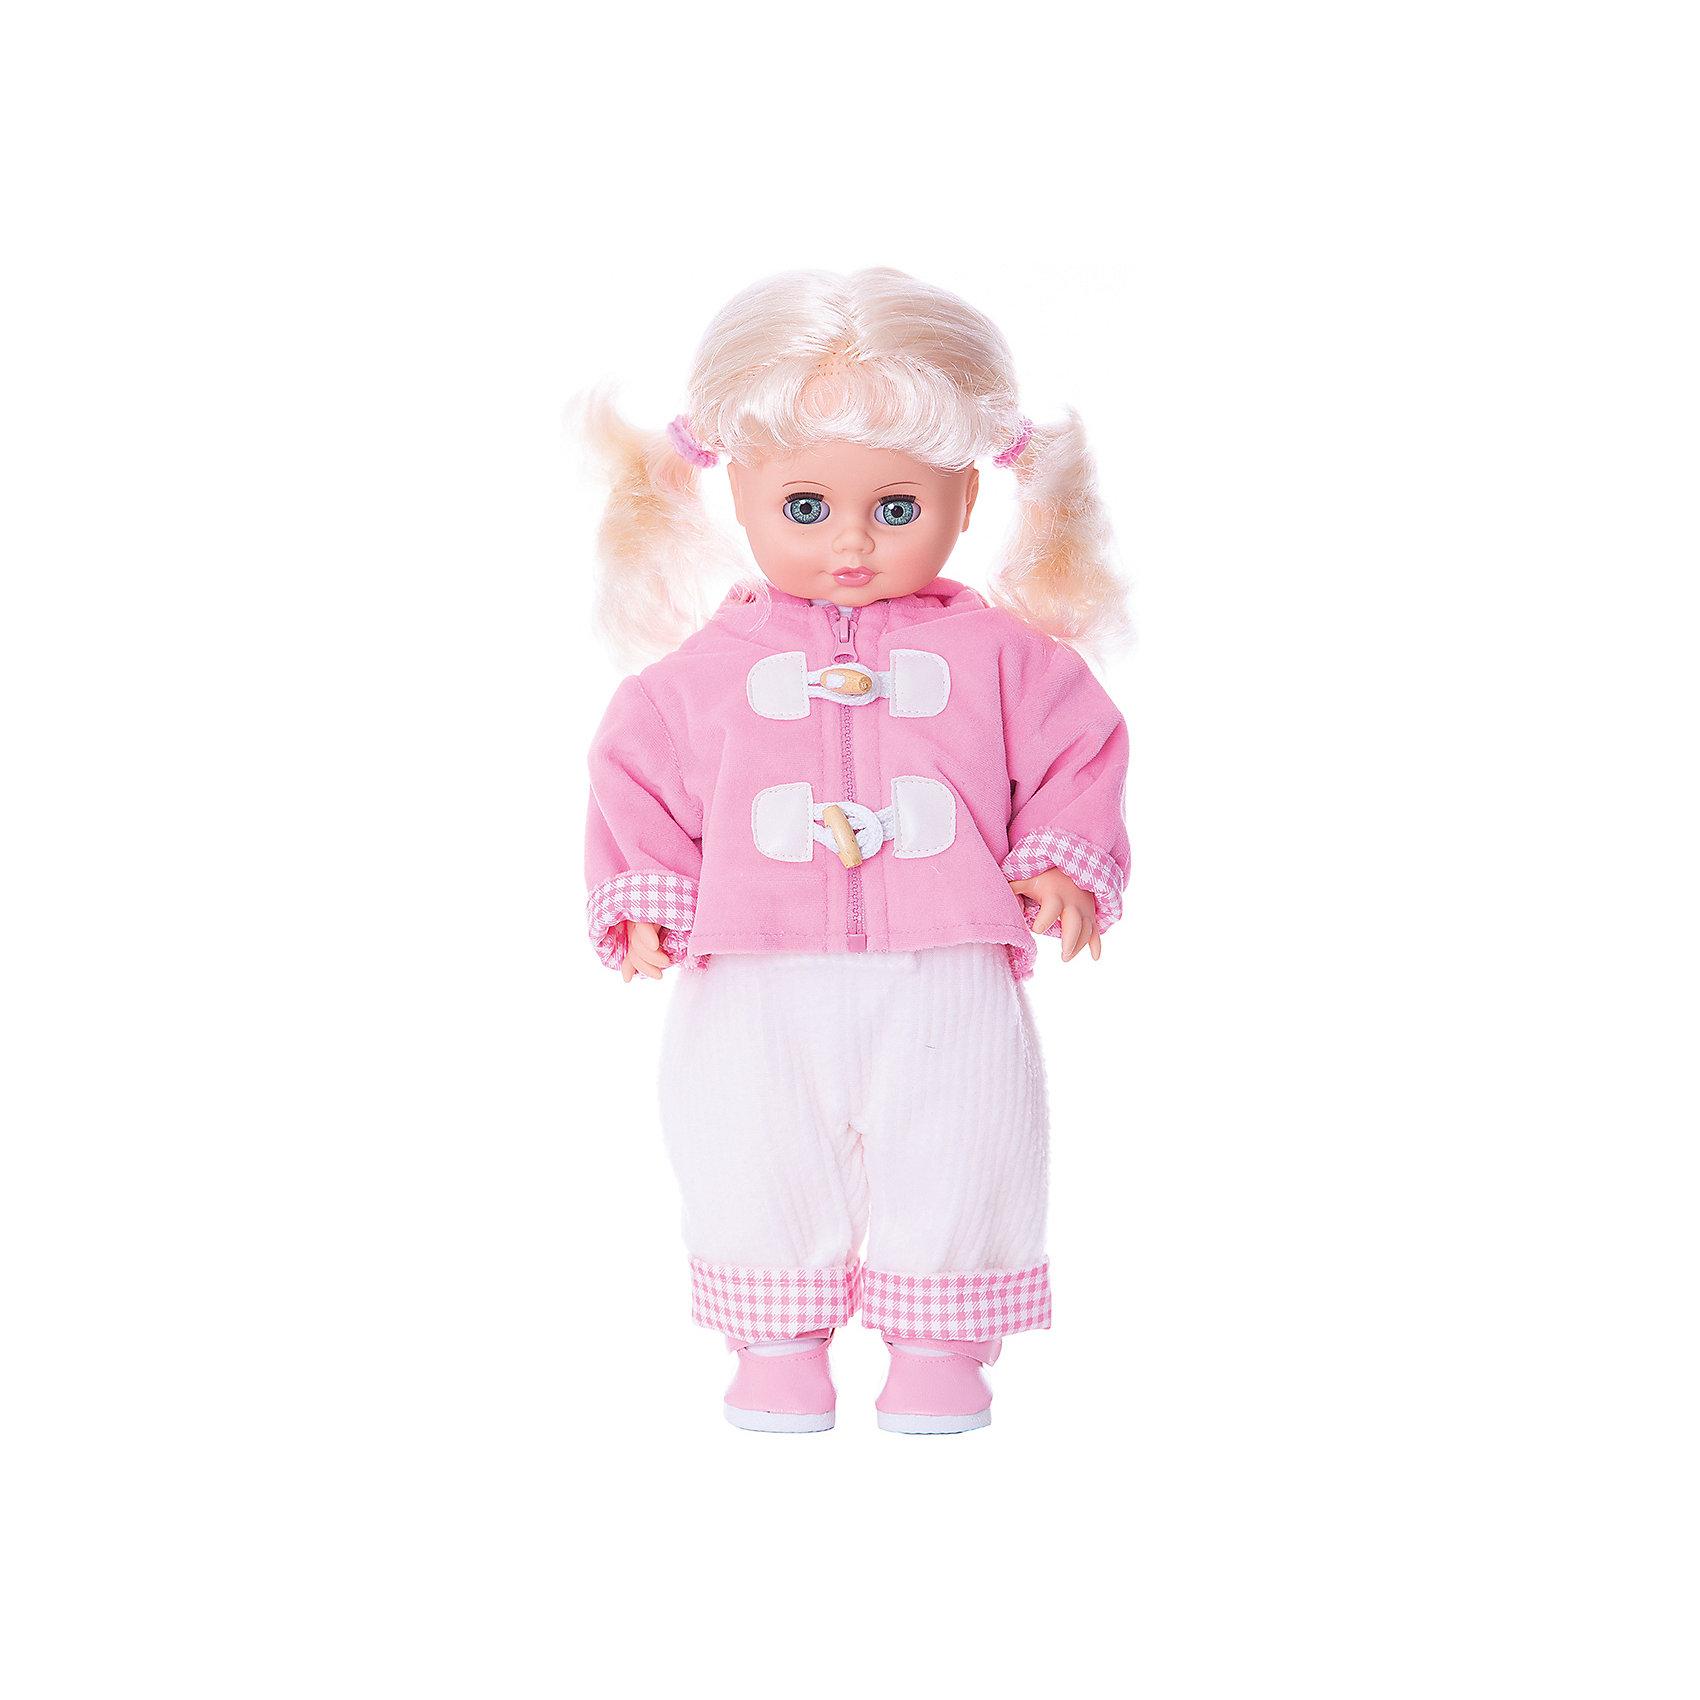 Весна Кукла Инна 8 (пластмассовая), со звуком, 43 см, Весна кукла весна алсу 35 см со звуком в1634 о